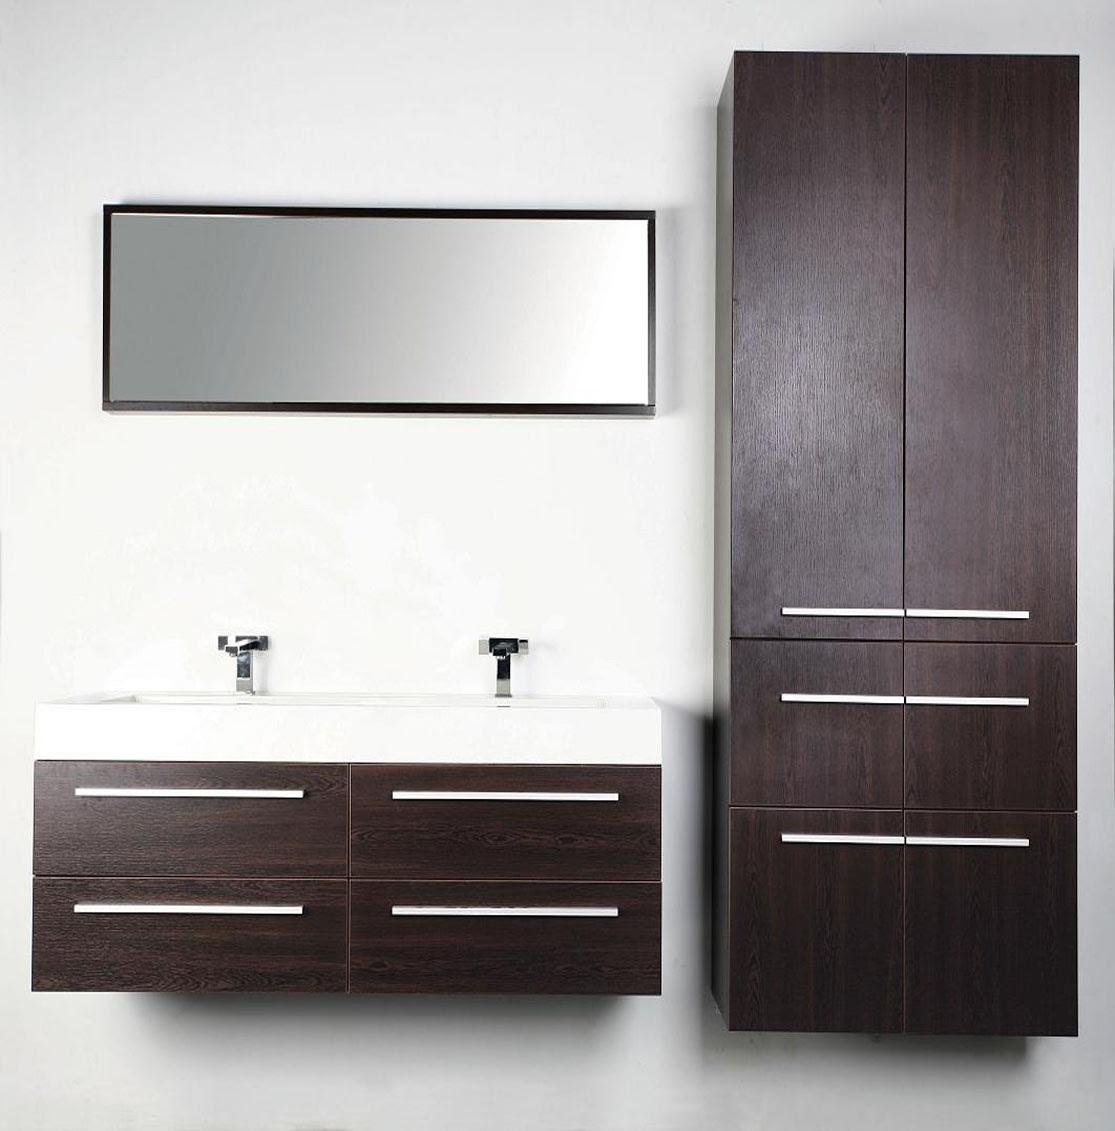 SHOPZILLA  ALLEN ROTH BATHROOM CABINETS, BATH FURNITURE BATH.